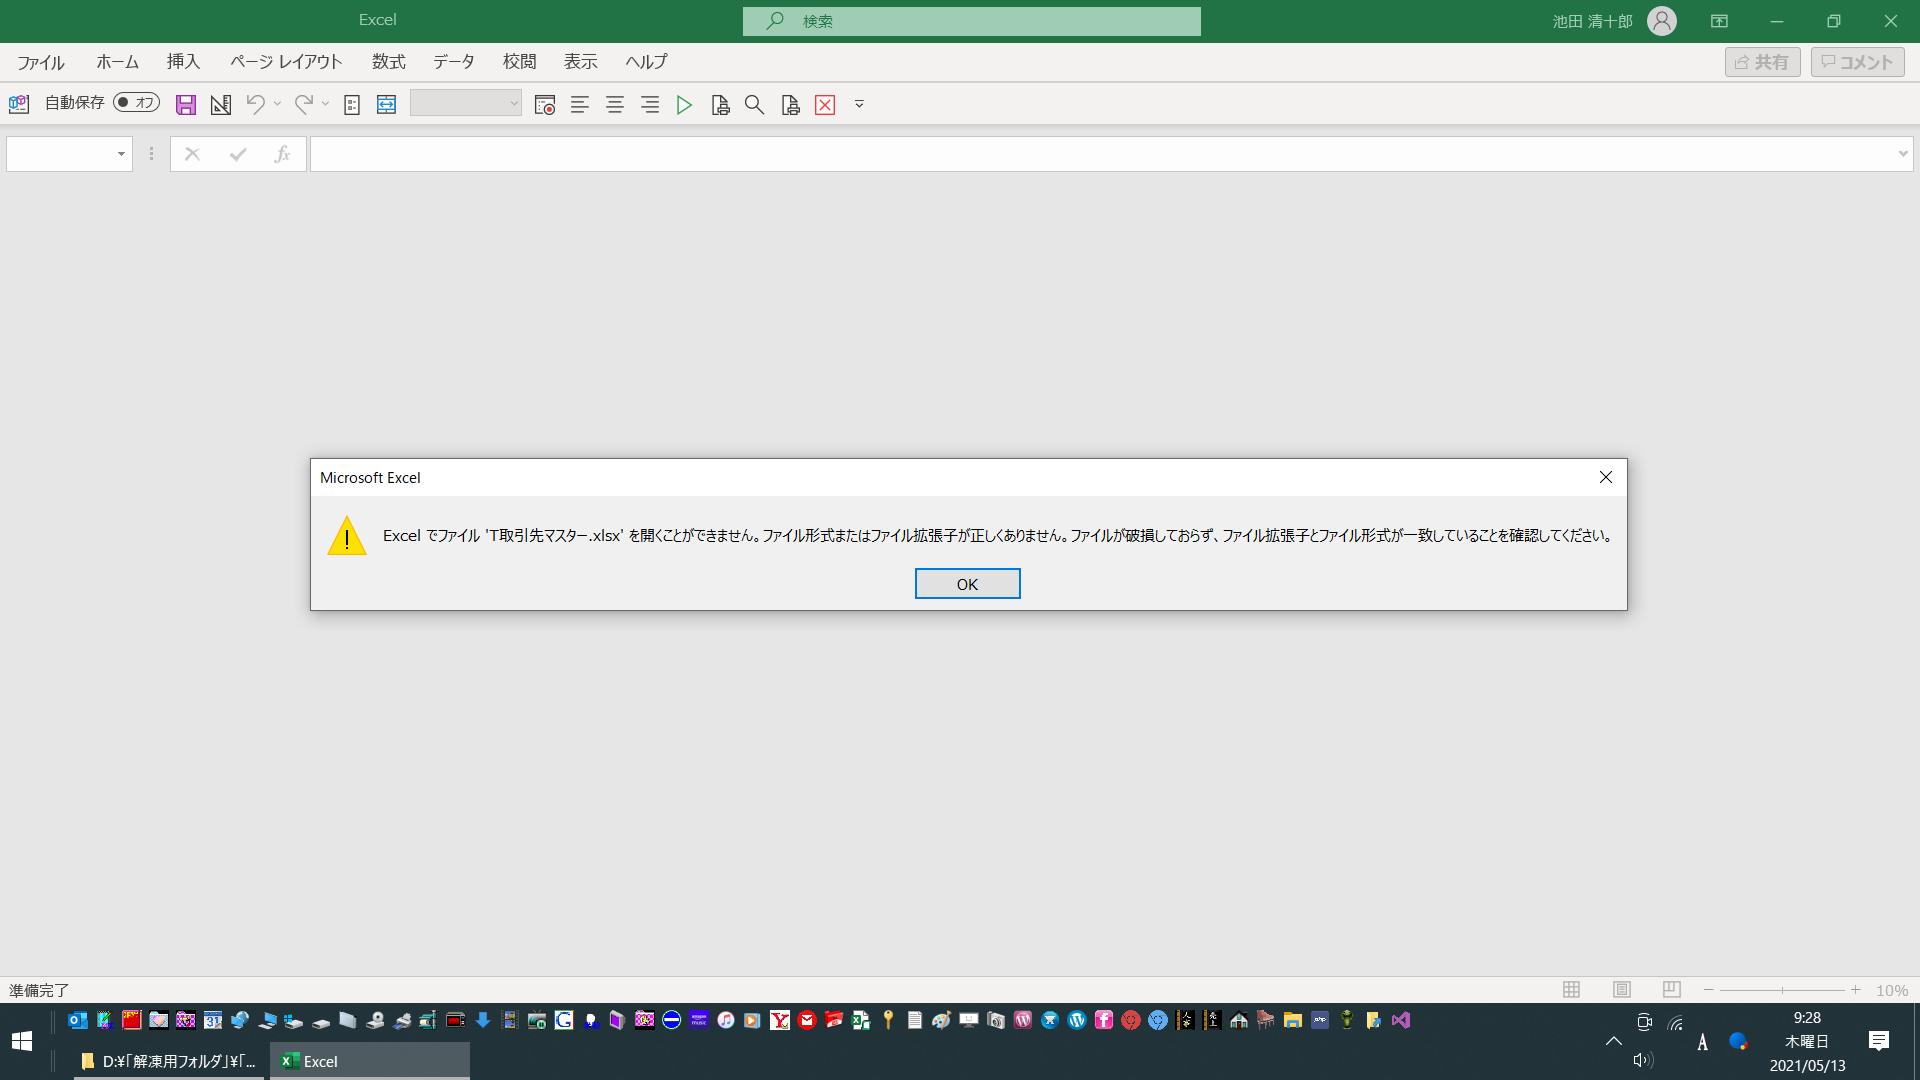 excel でファイル を開くことができません